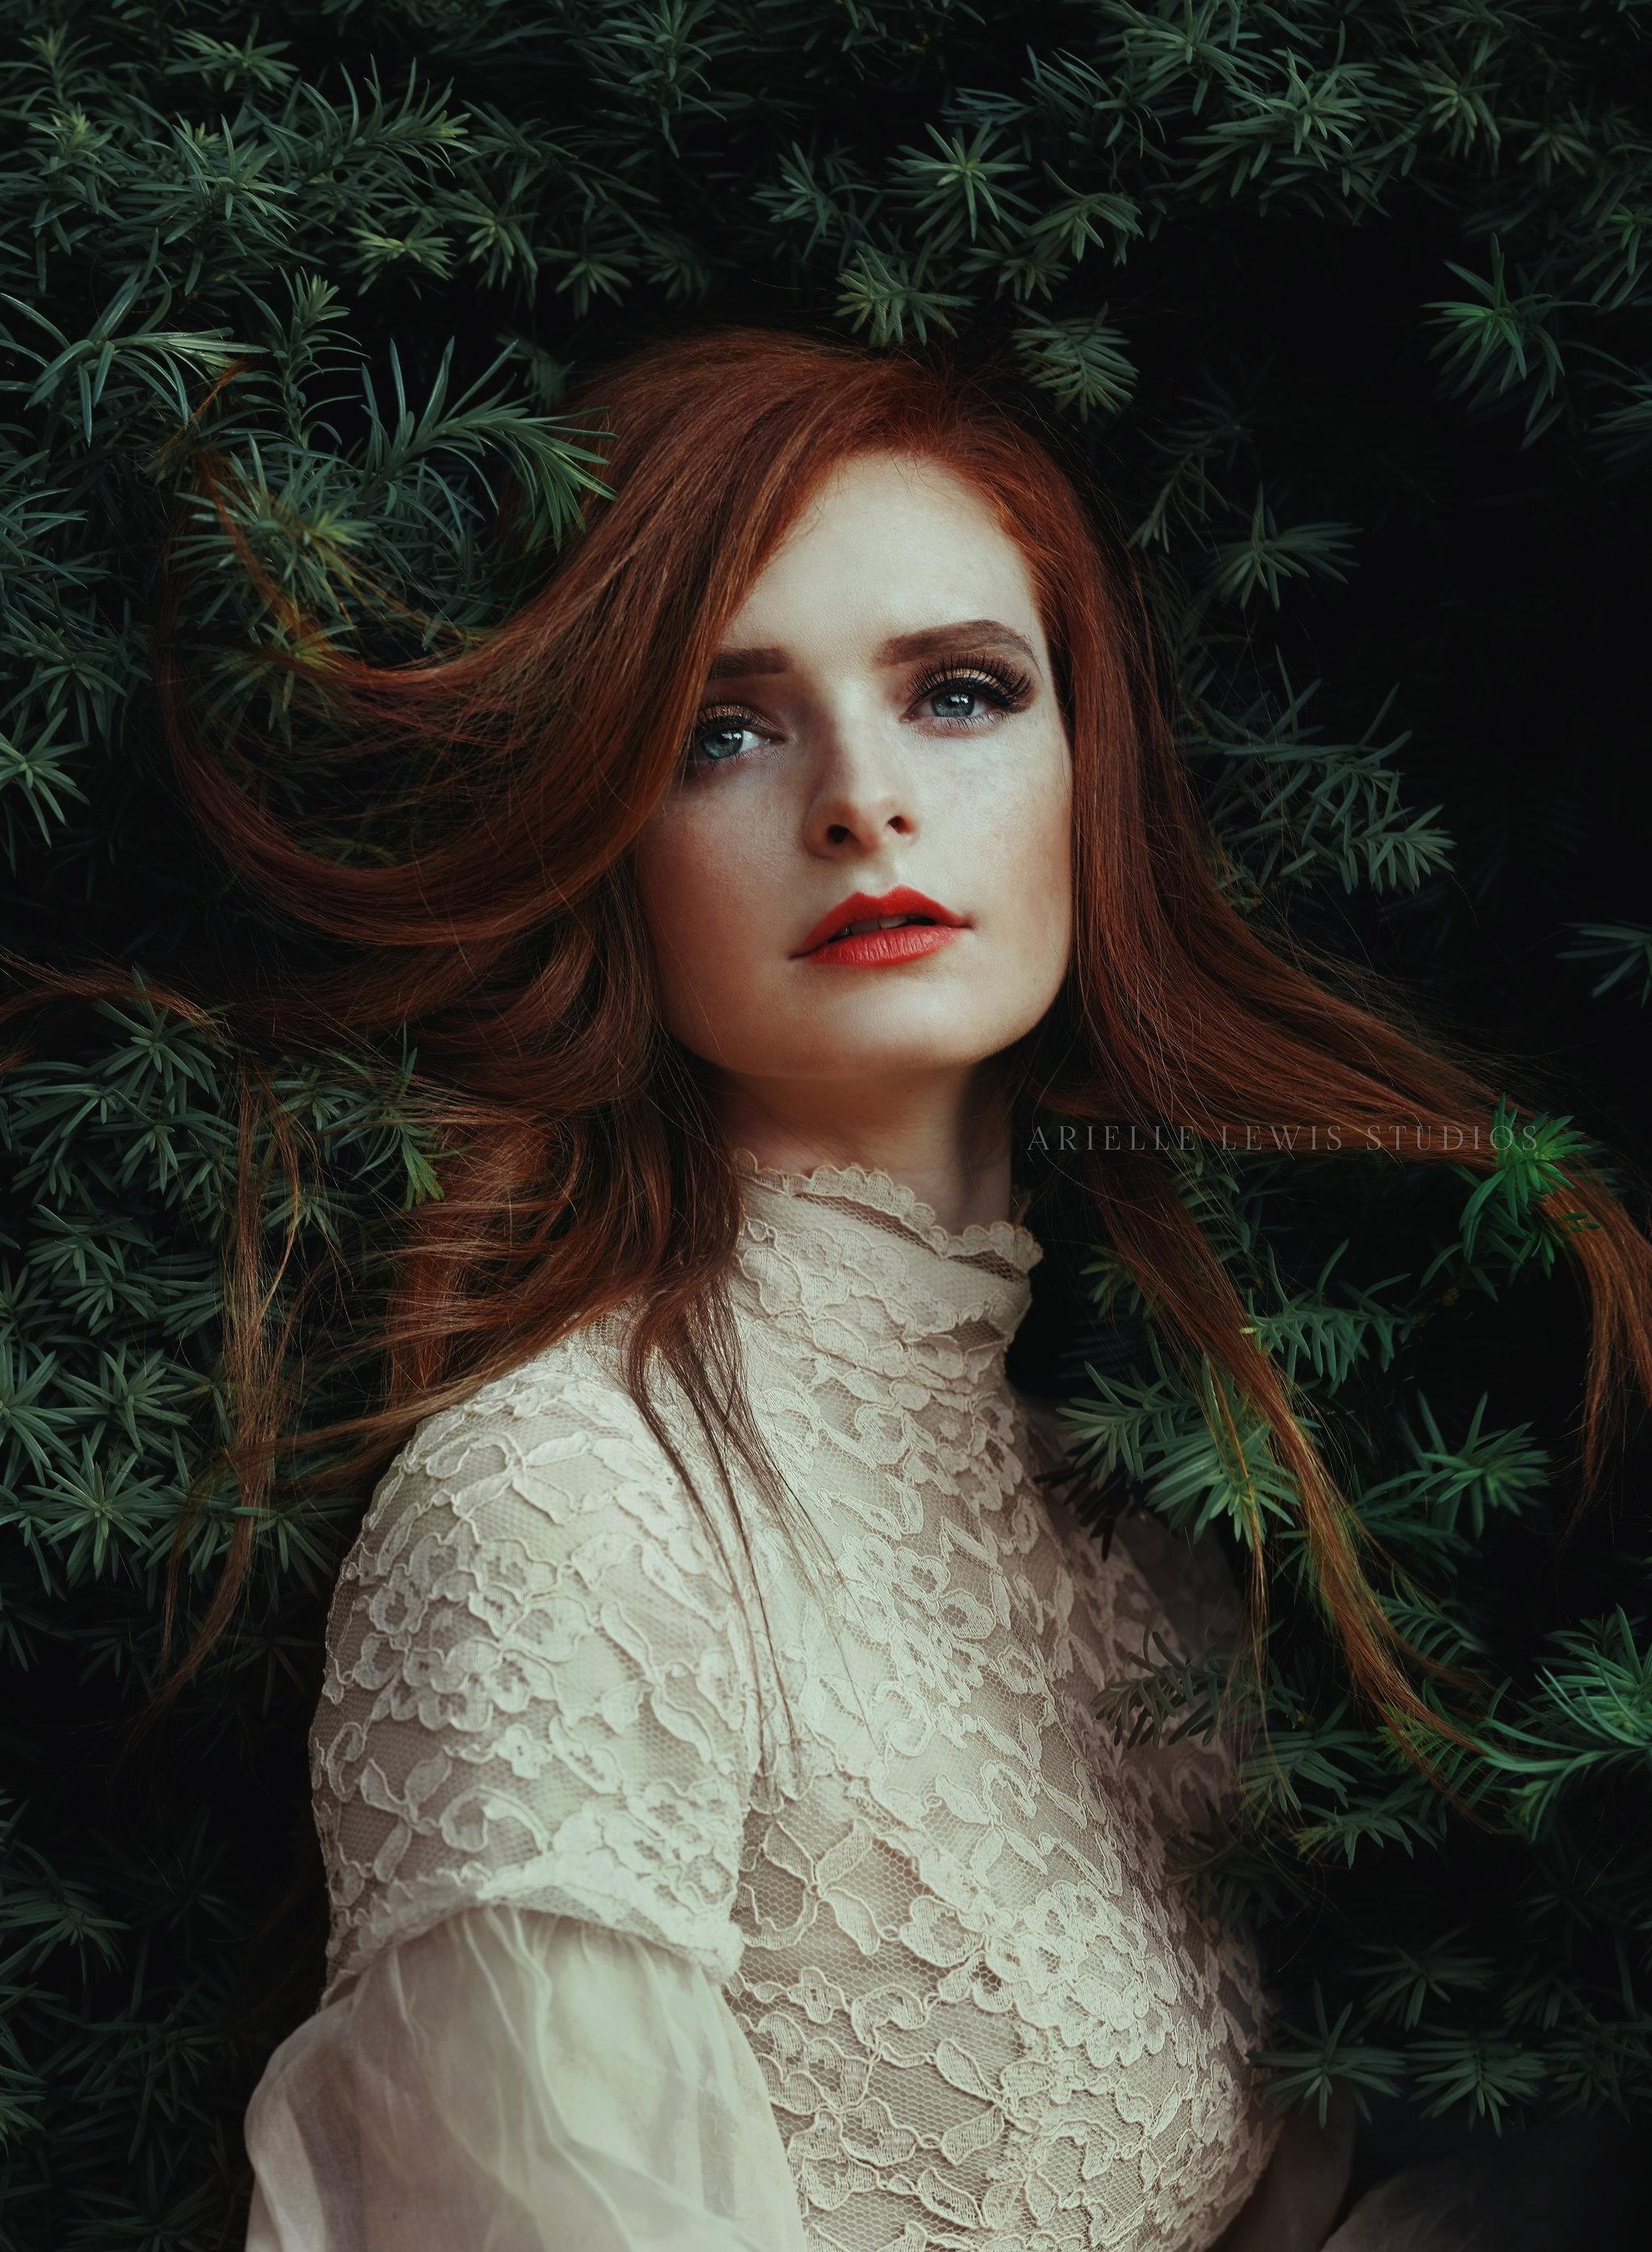 redhead_dark_moody_portrait.jpg